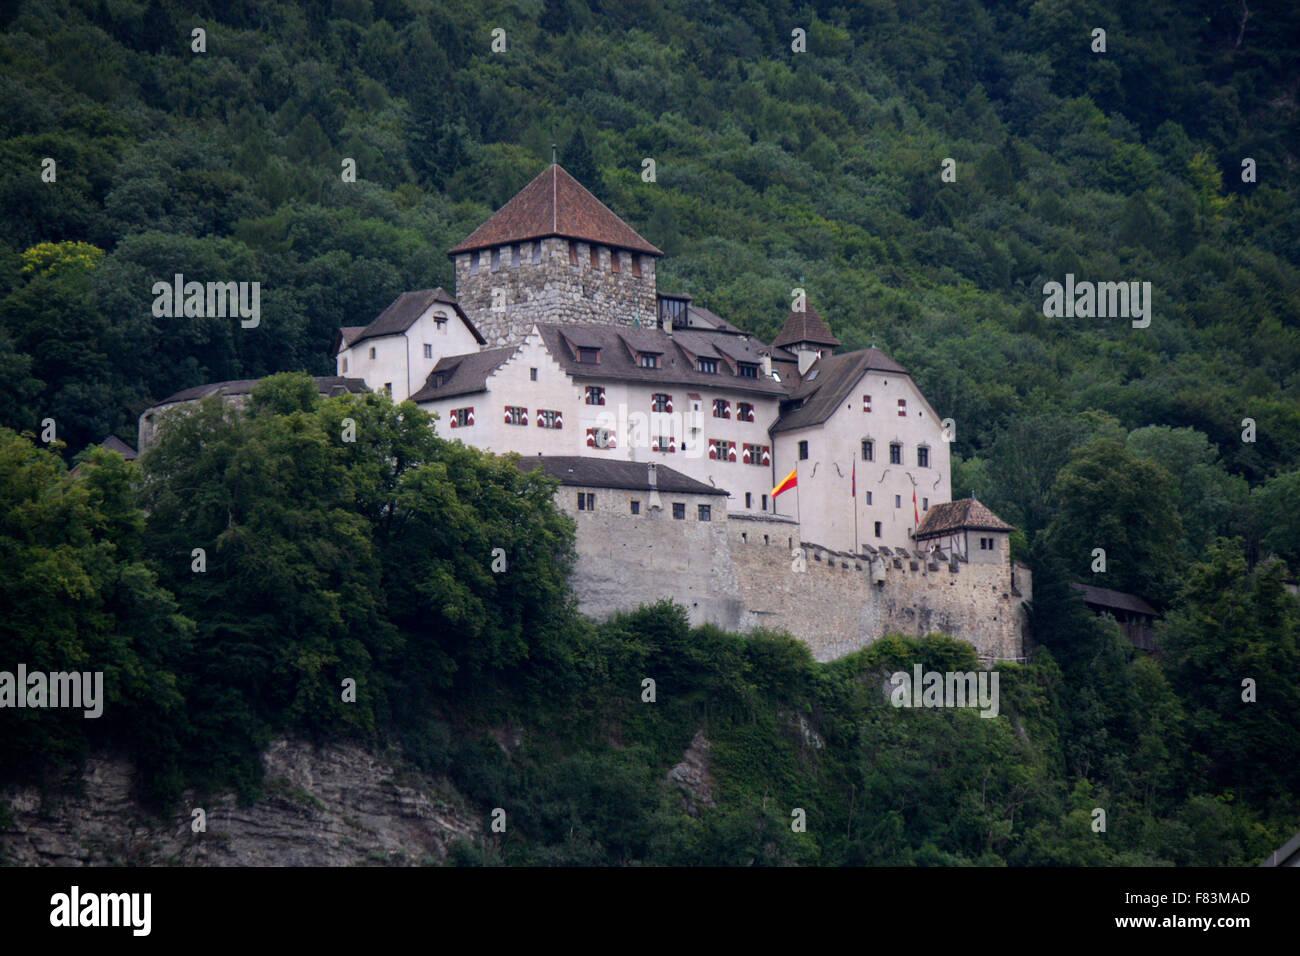 die Burg Liechtenstein, Vaduz, Liechtenstein. - Stock Image